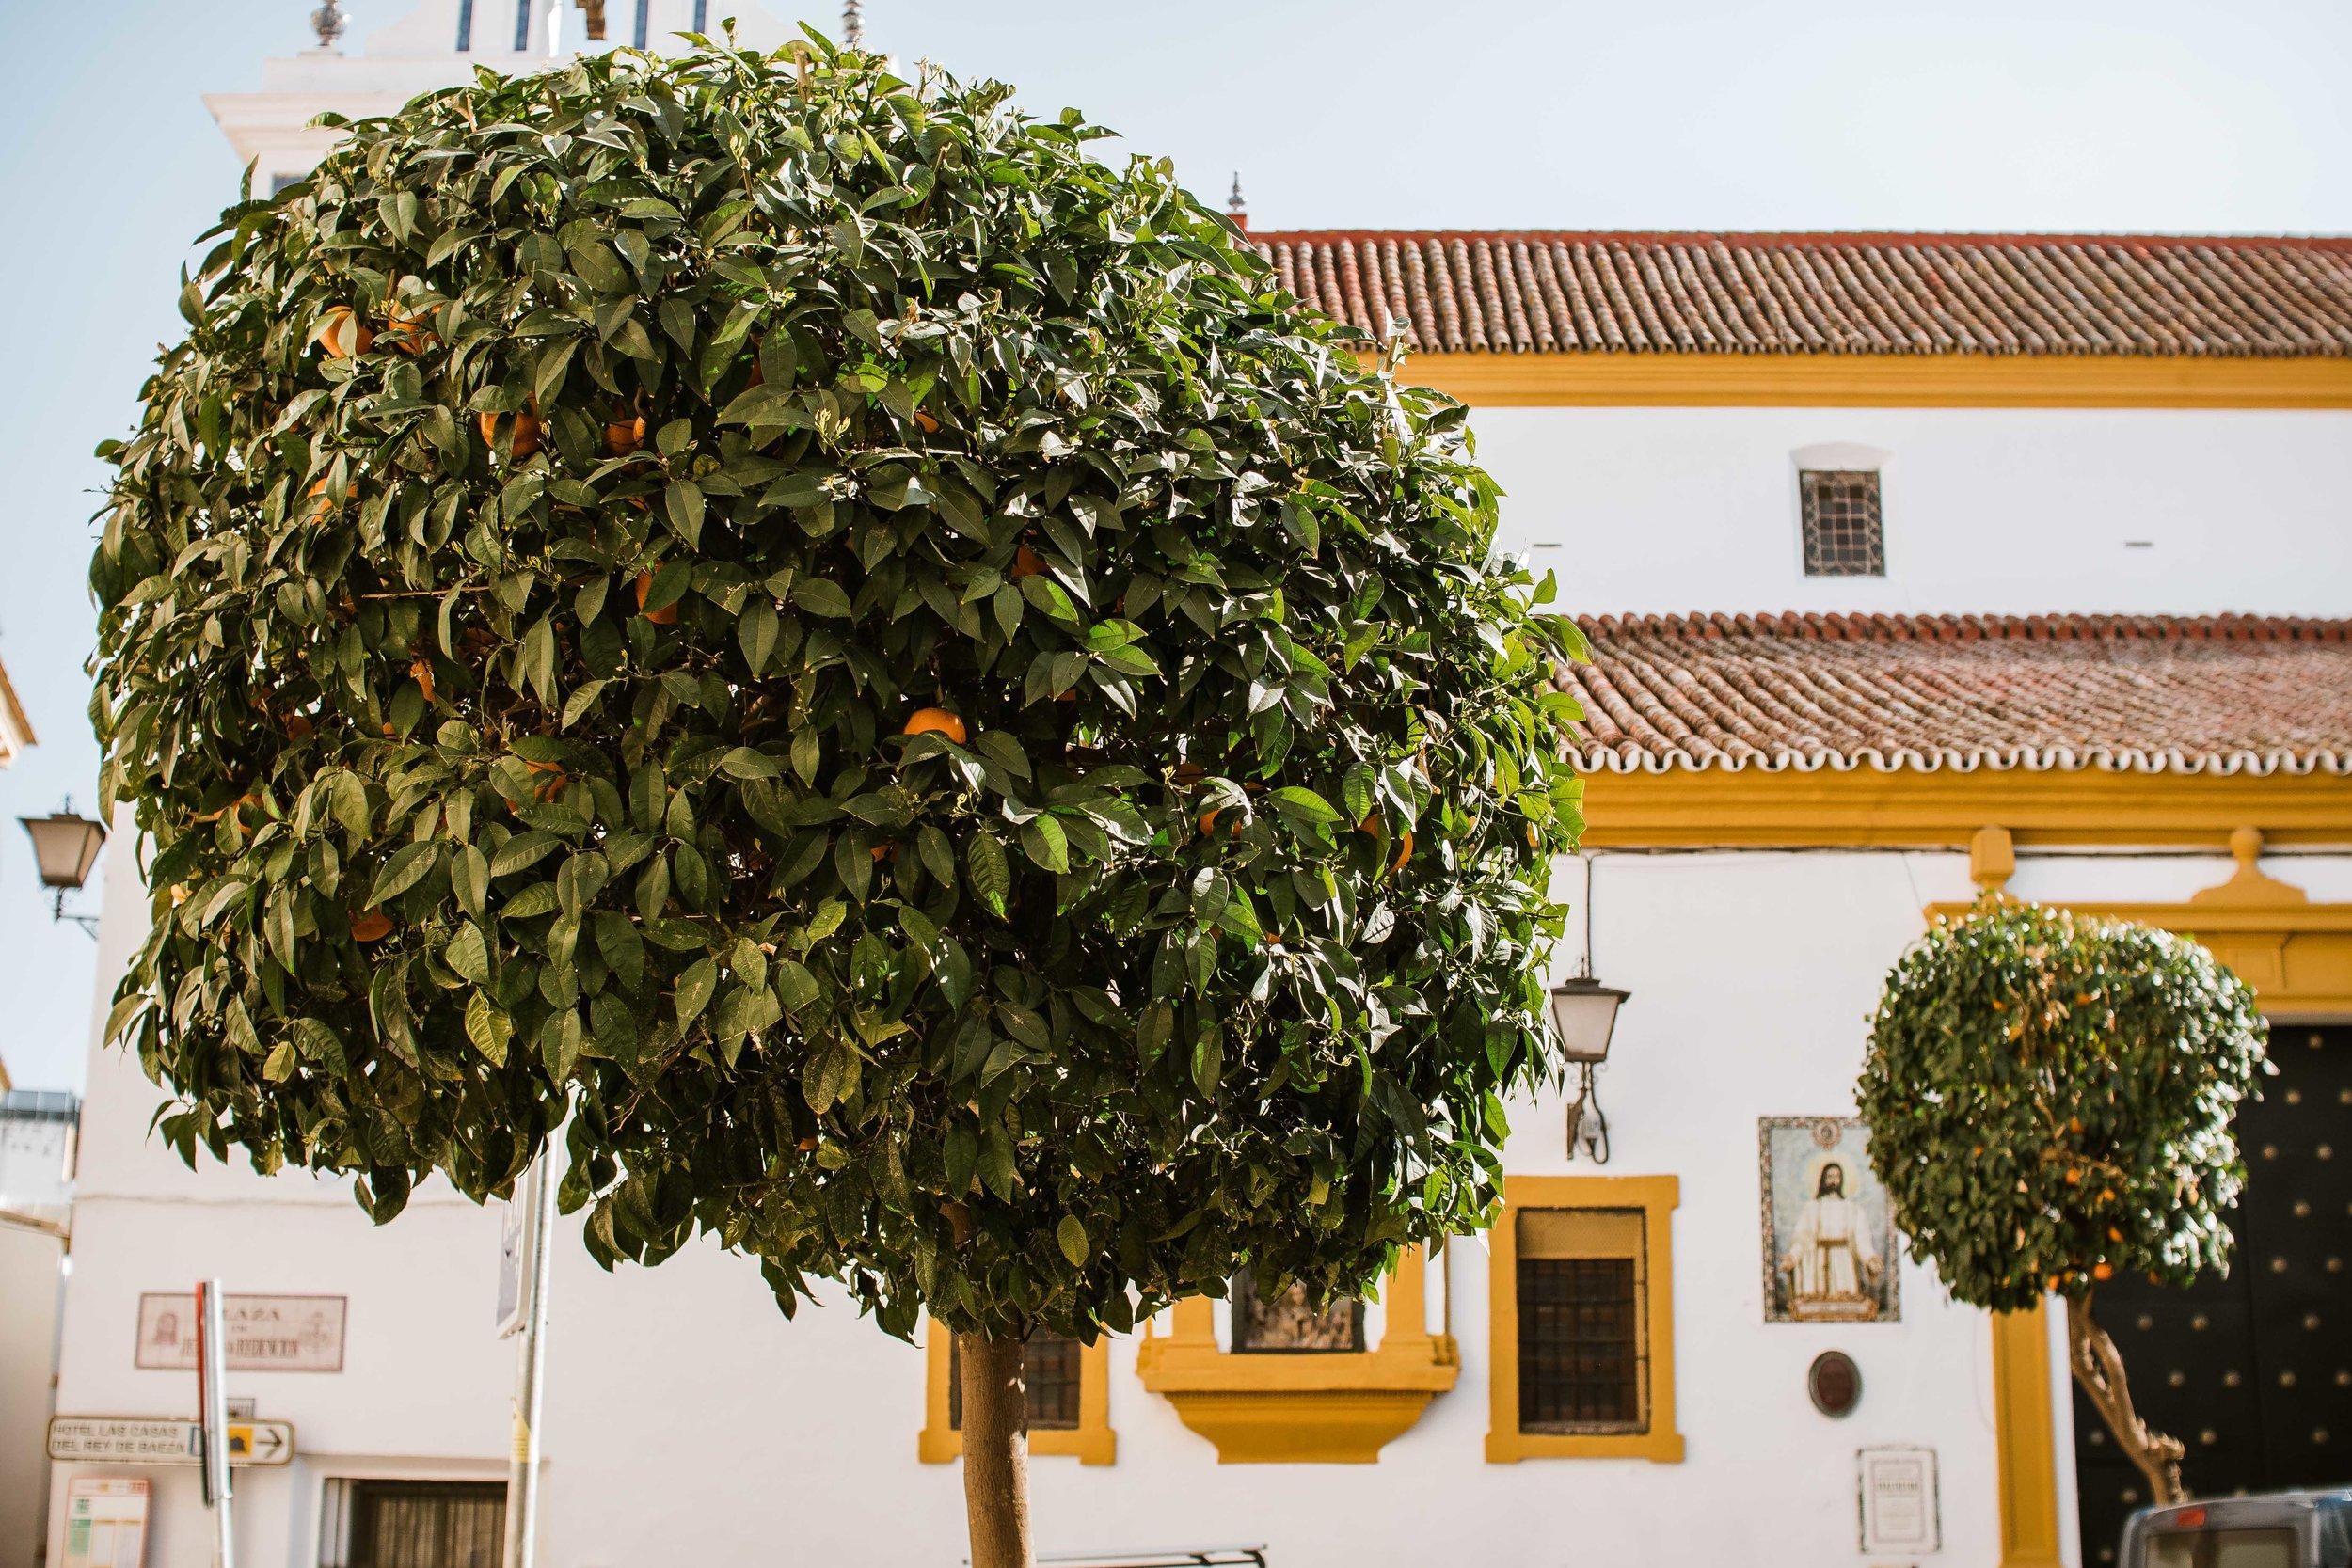 For Blog - Seville-7.jpg